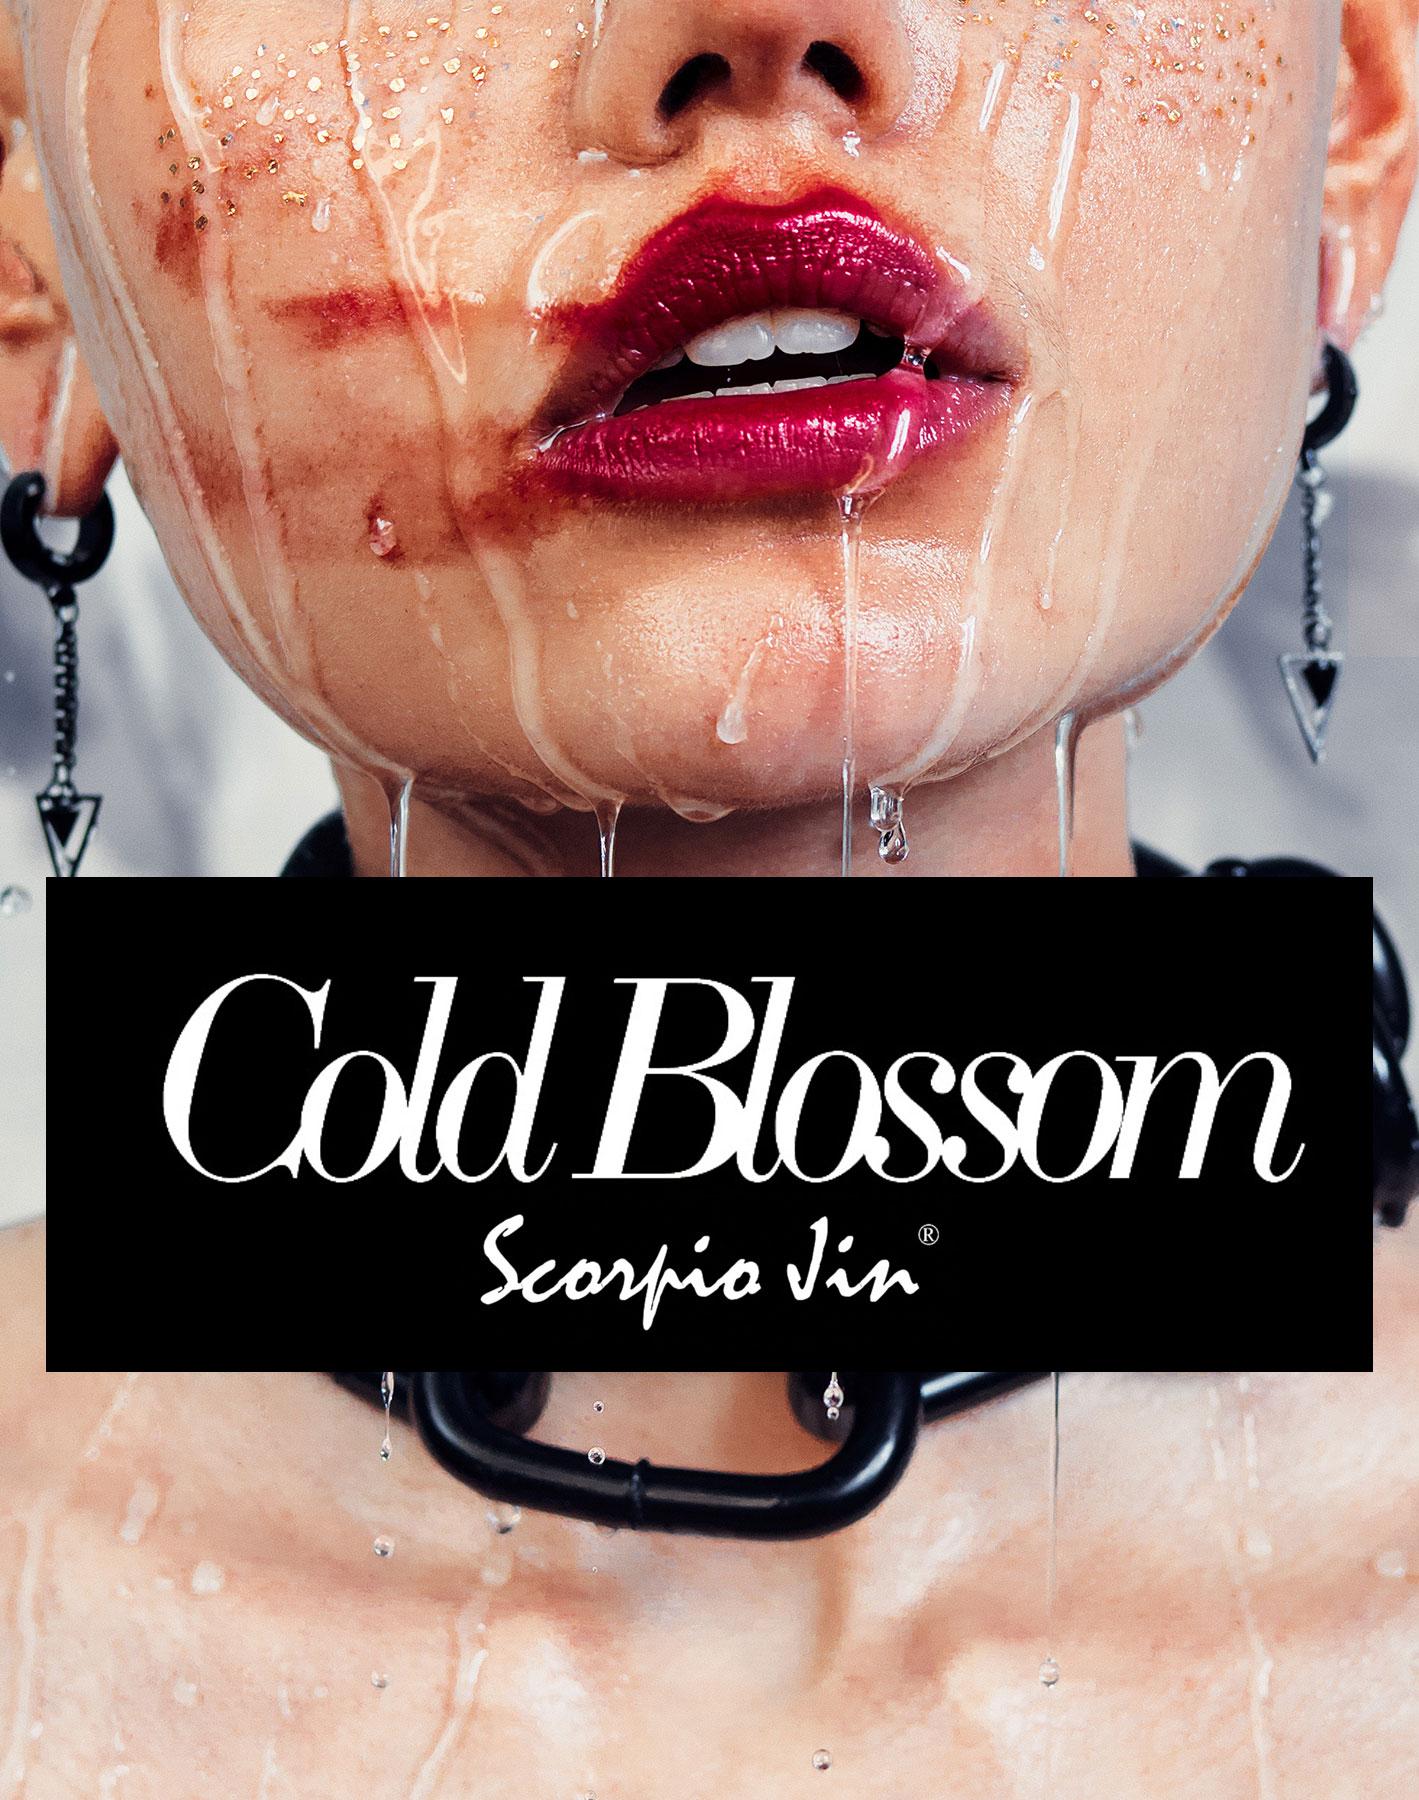 Cold Blossom